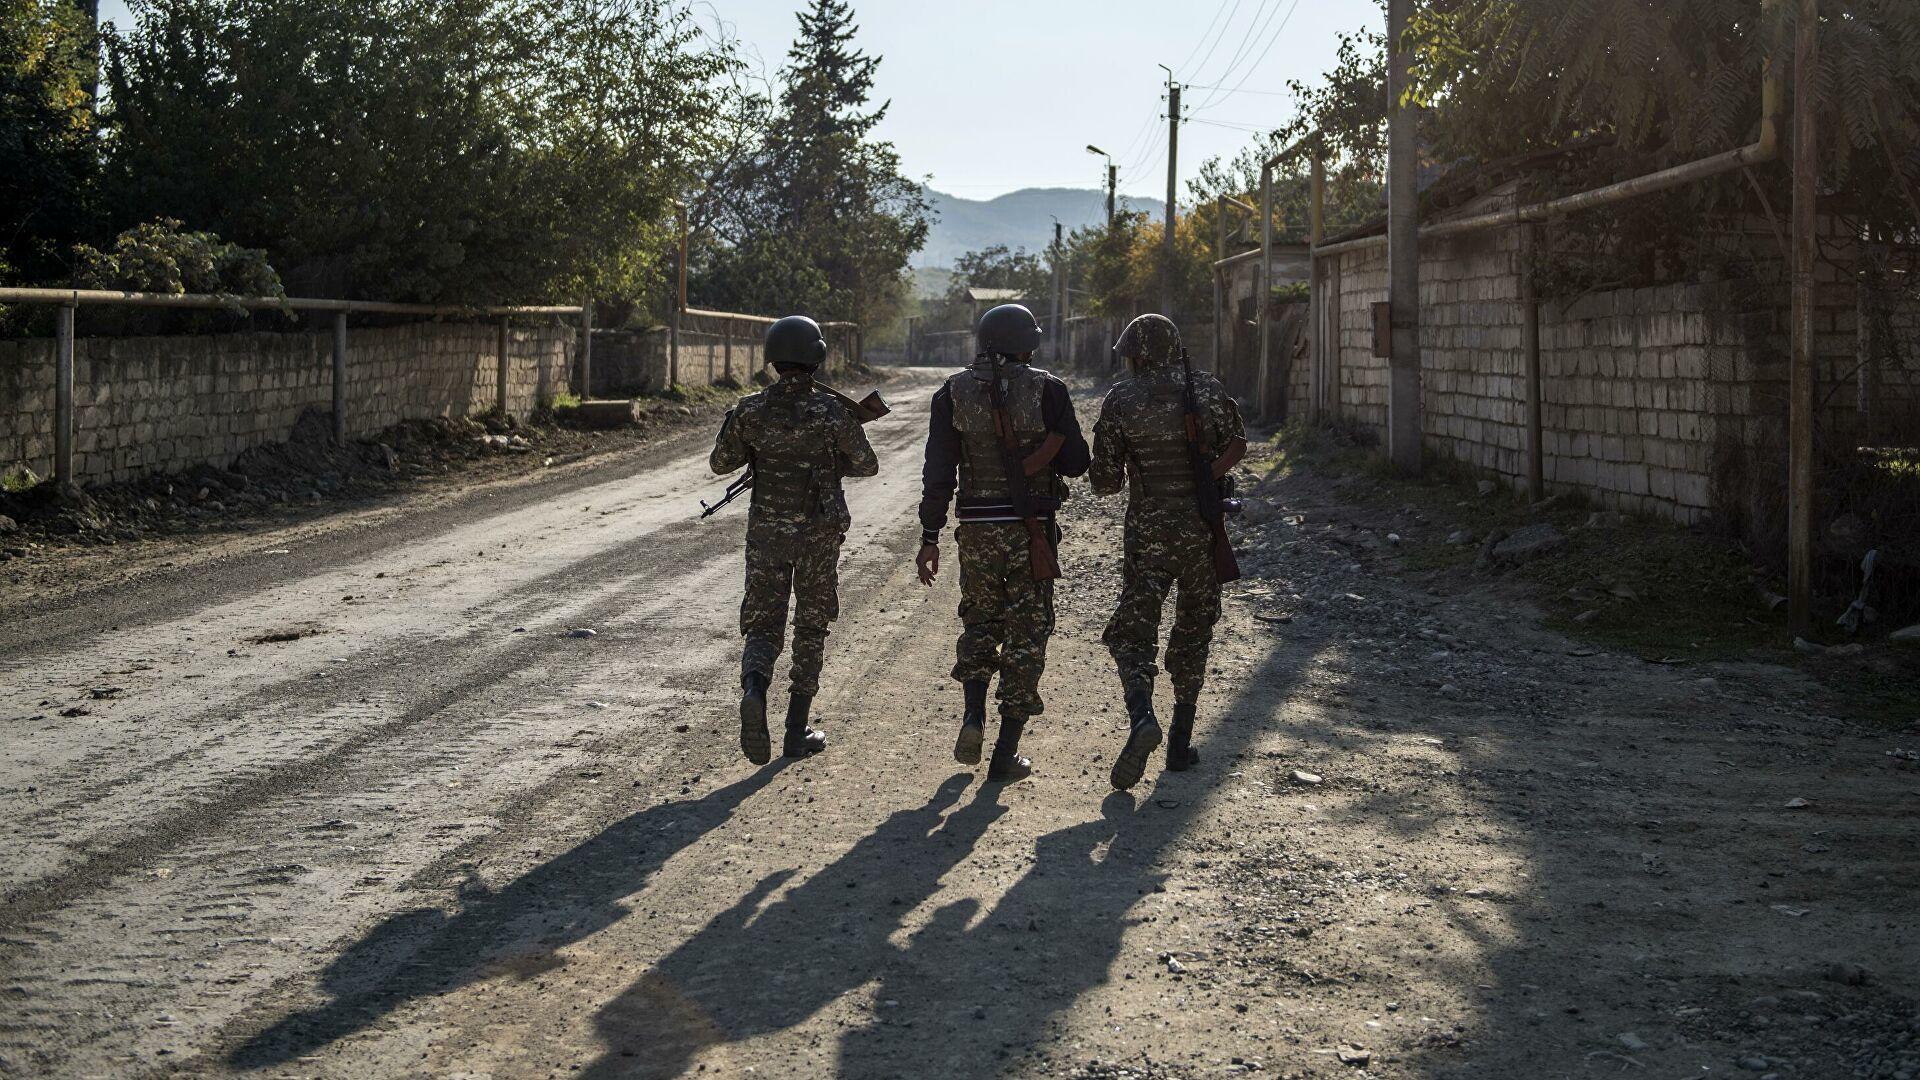 Объявленное Арменией и Азербайджаном перемирие в зоне карабахского конфликта вступило в силу